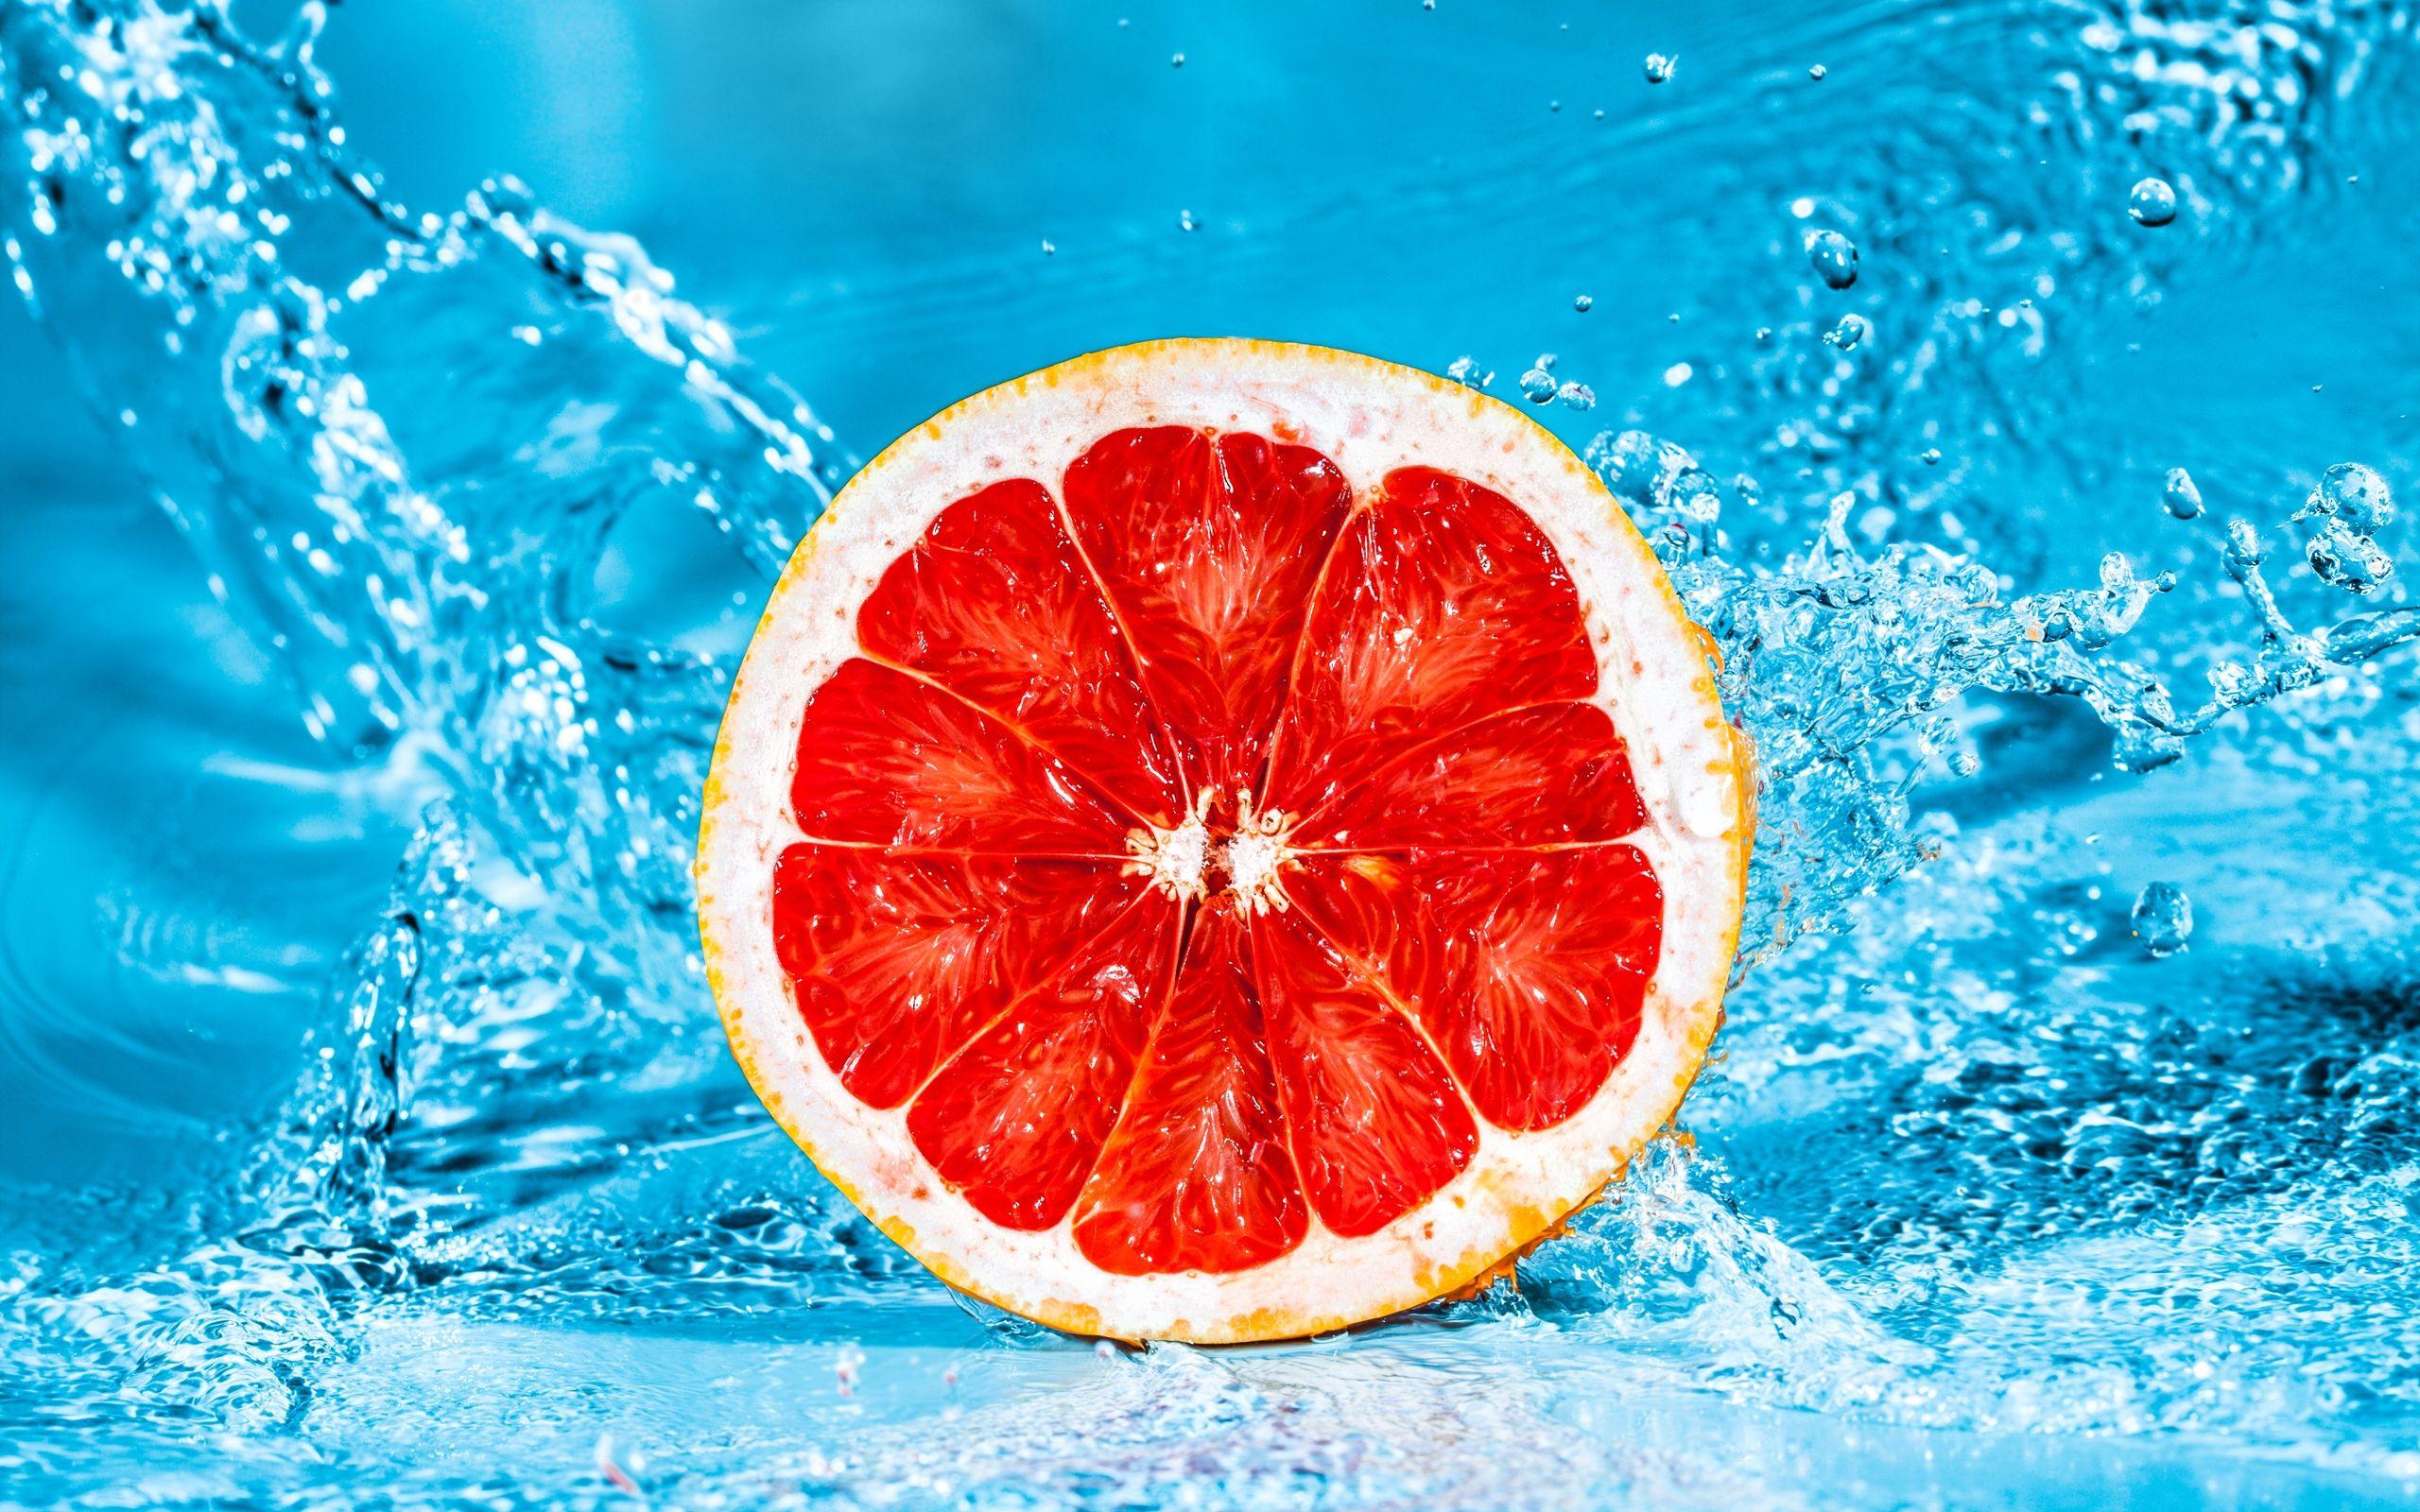 fresh fruits hd desktop wallpaper widescreen high definition | r72